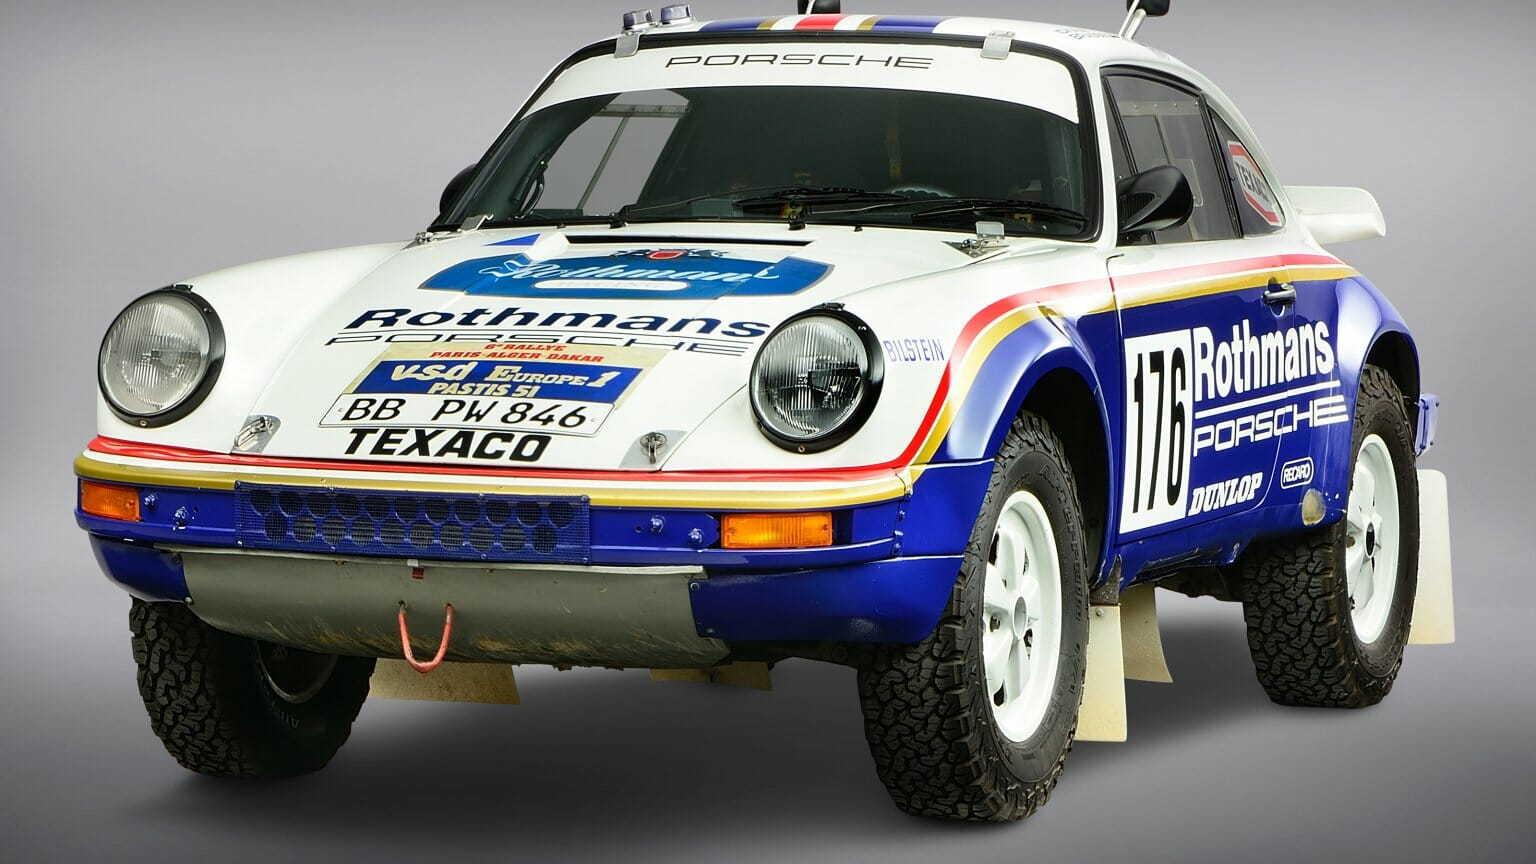 Porsche will showcase 1984 Dakar Rally-winning car